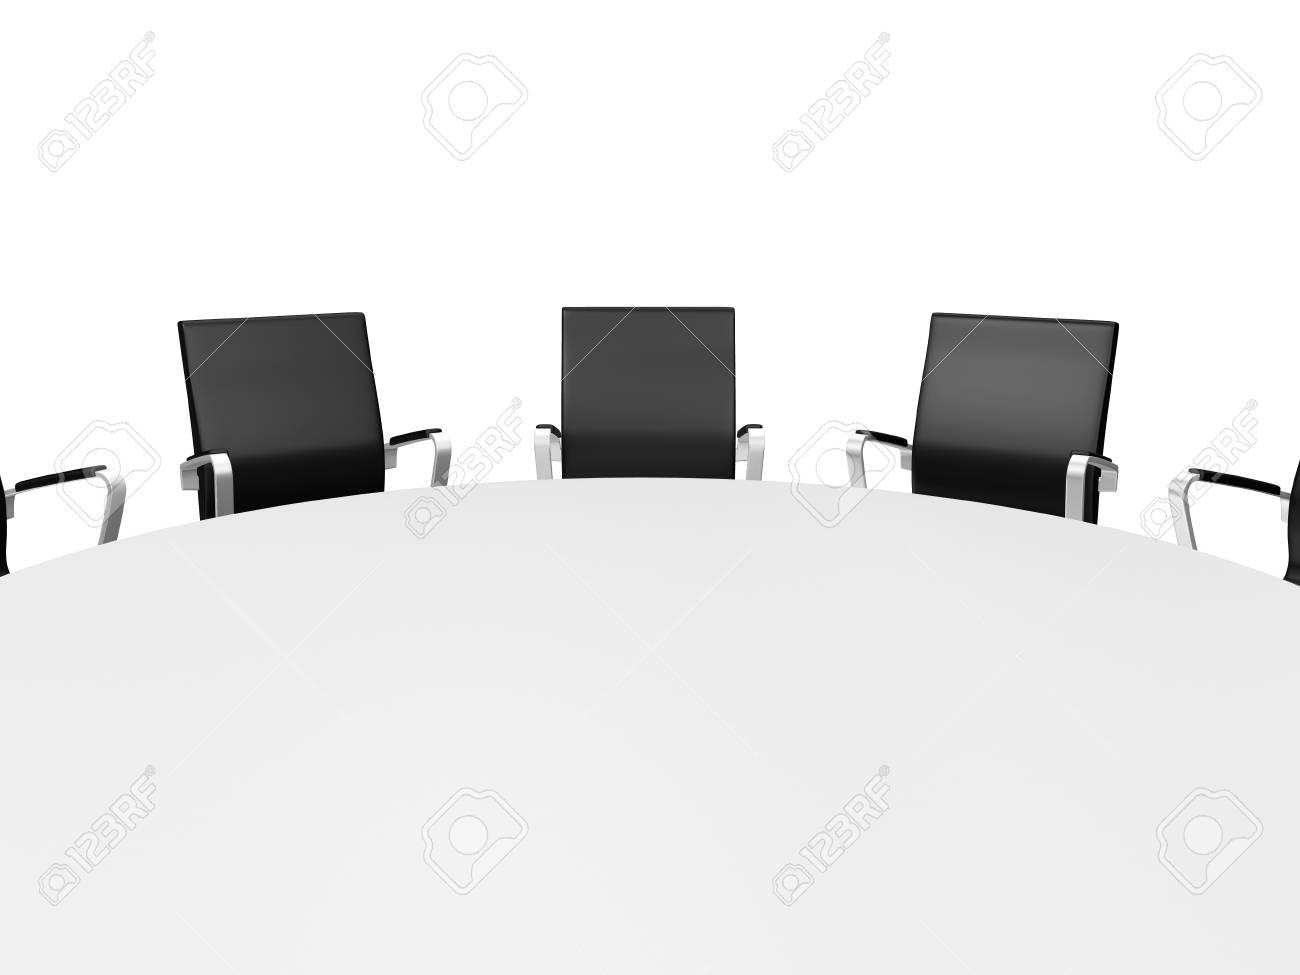 Fermer Conference Table Ronde Et Des Chaises De Bureau Noir Dans La